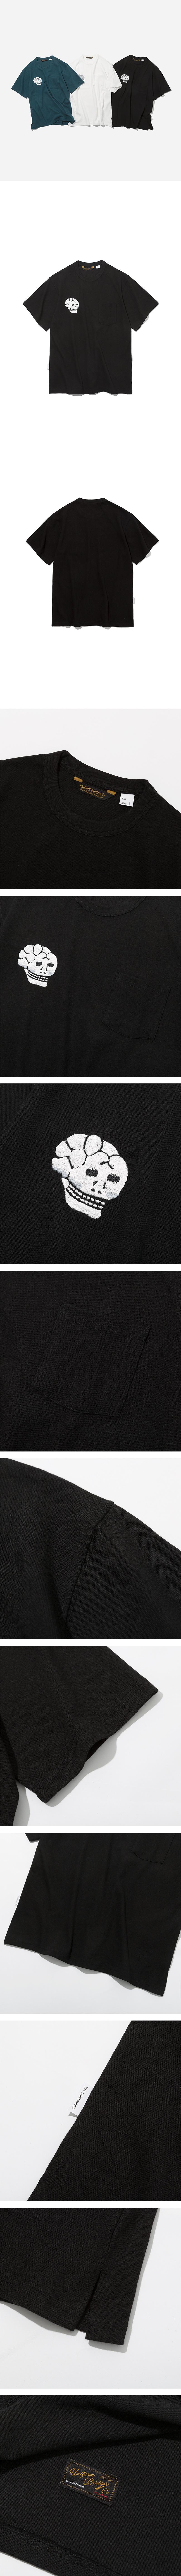 유니폼브릿지(UNIFORM BRIDGE) 19ss skull ska s/s tee black